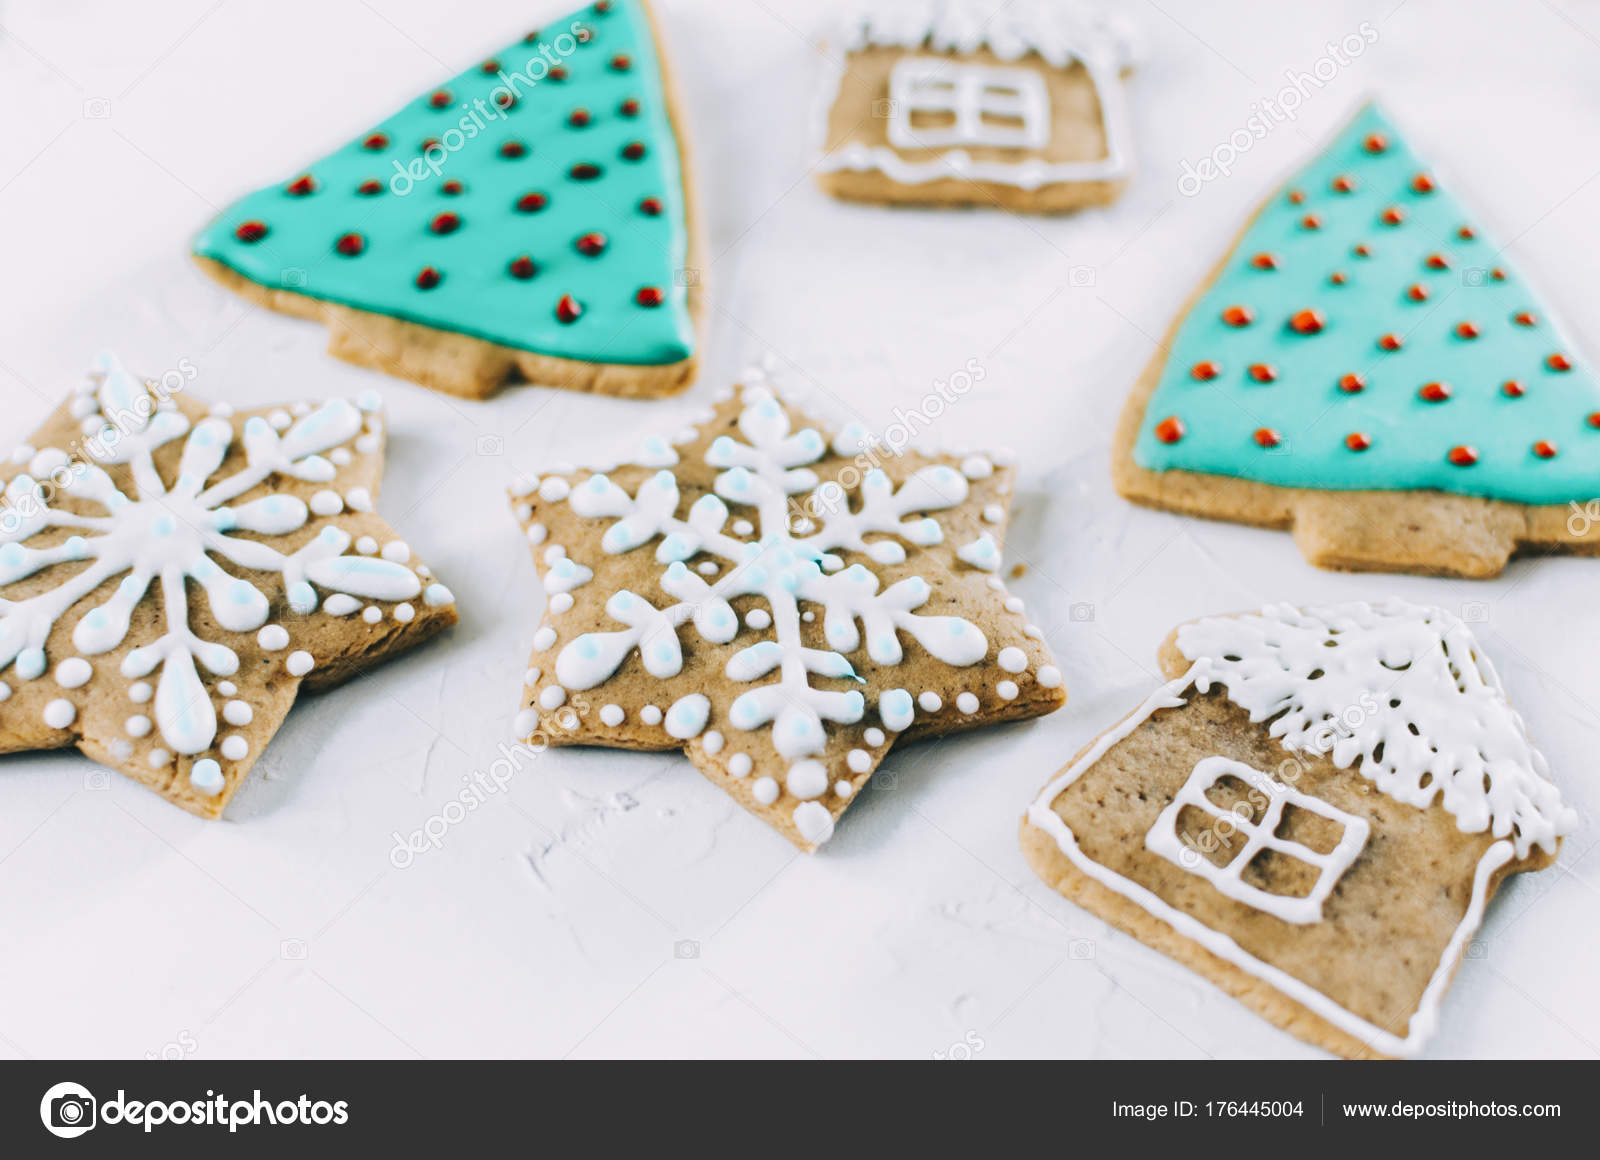 Ginger Christmas Cookies — Stock Photo © jangobeat #176445004